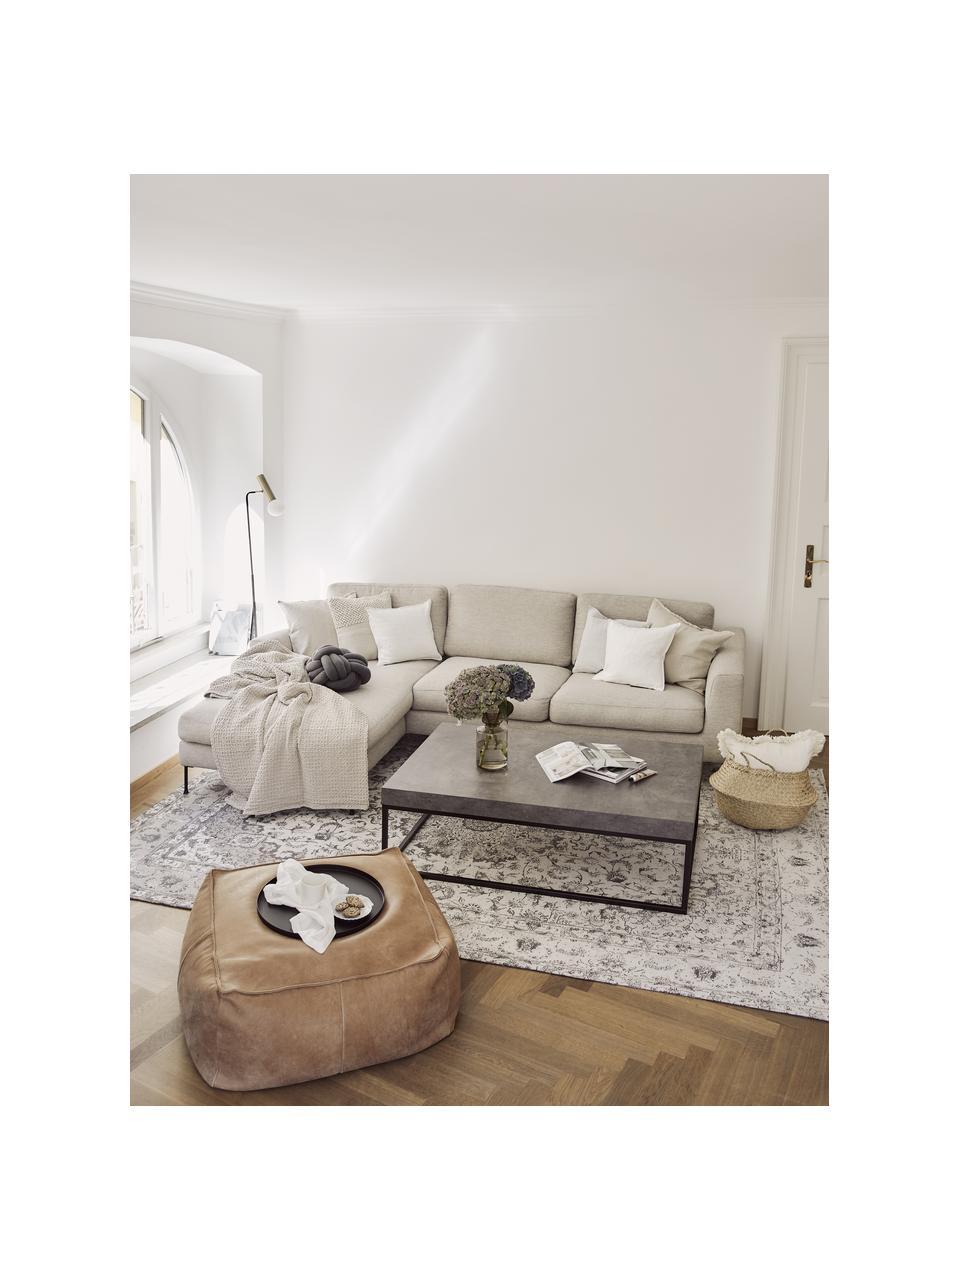 Hoekbank Cucita (3-zits) in beige met metalen poten, Bekleding: geweven stof (polyester), Frame: massief grenenhout, Poten: gelakt metaal, Geweven stof beige, B 262 x D 163 cm